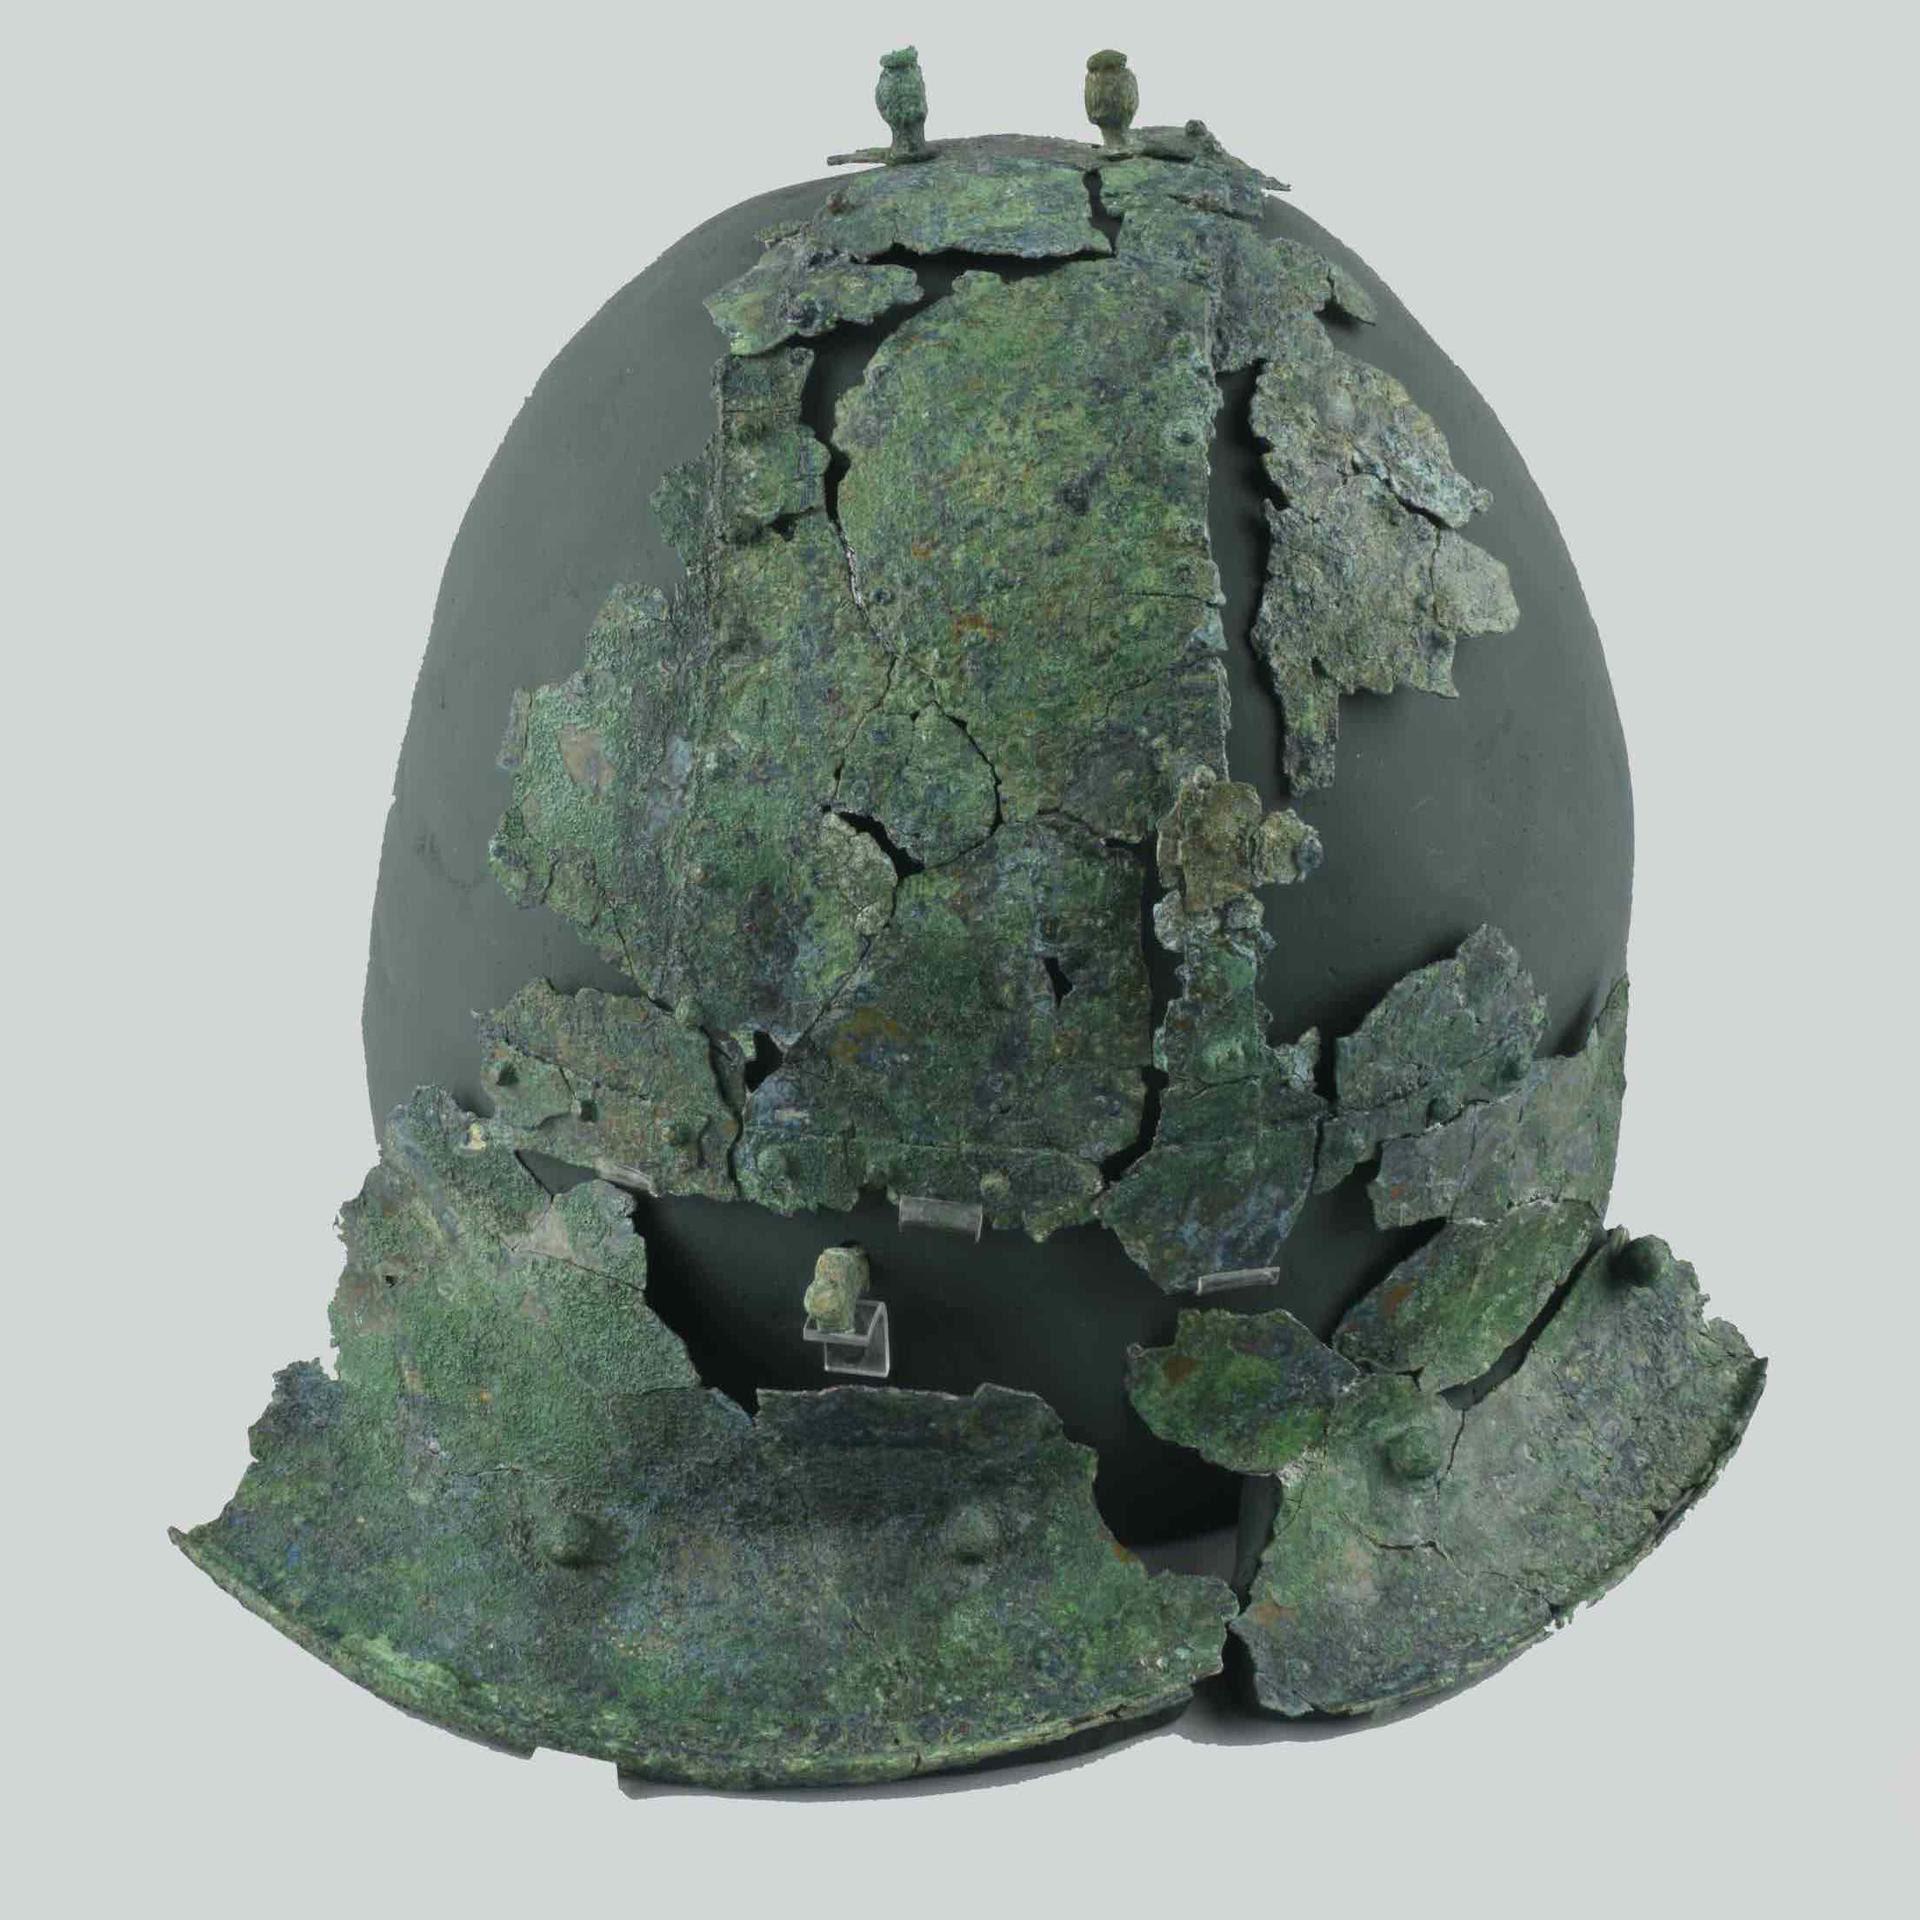 Mostra Ancona -  Il tesoro ritrovato  La tomba del Principe di Corinaldo - immagini